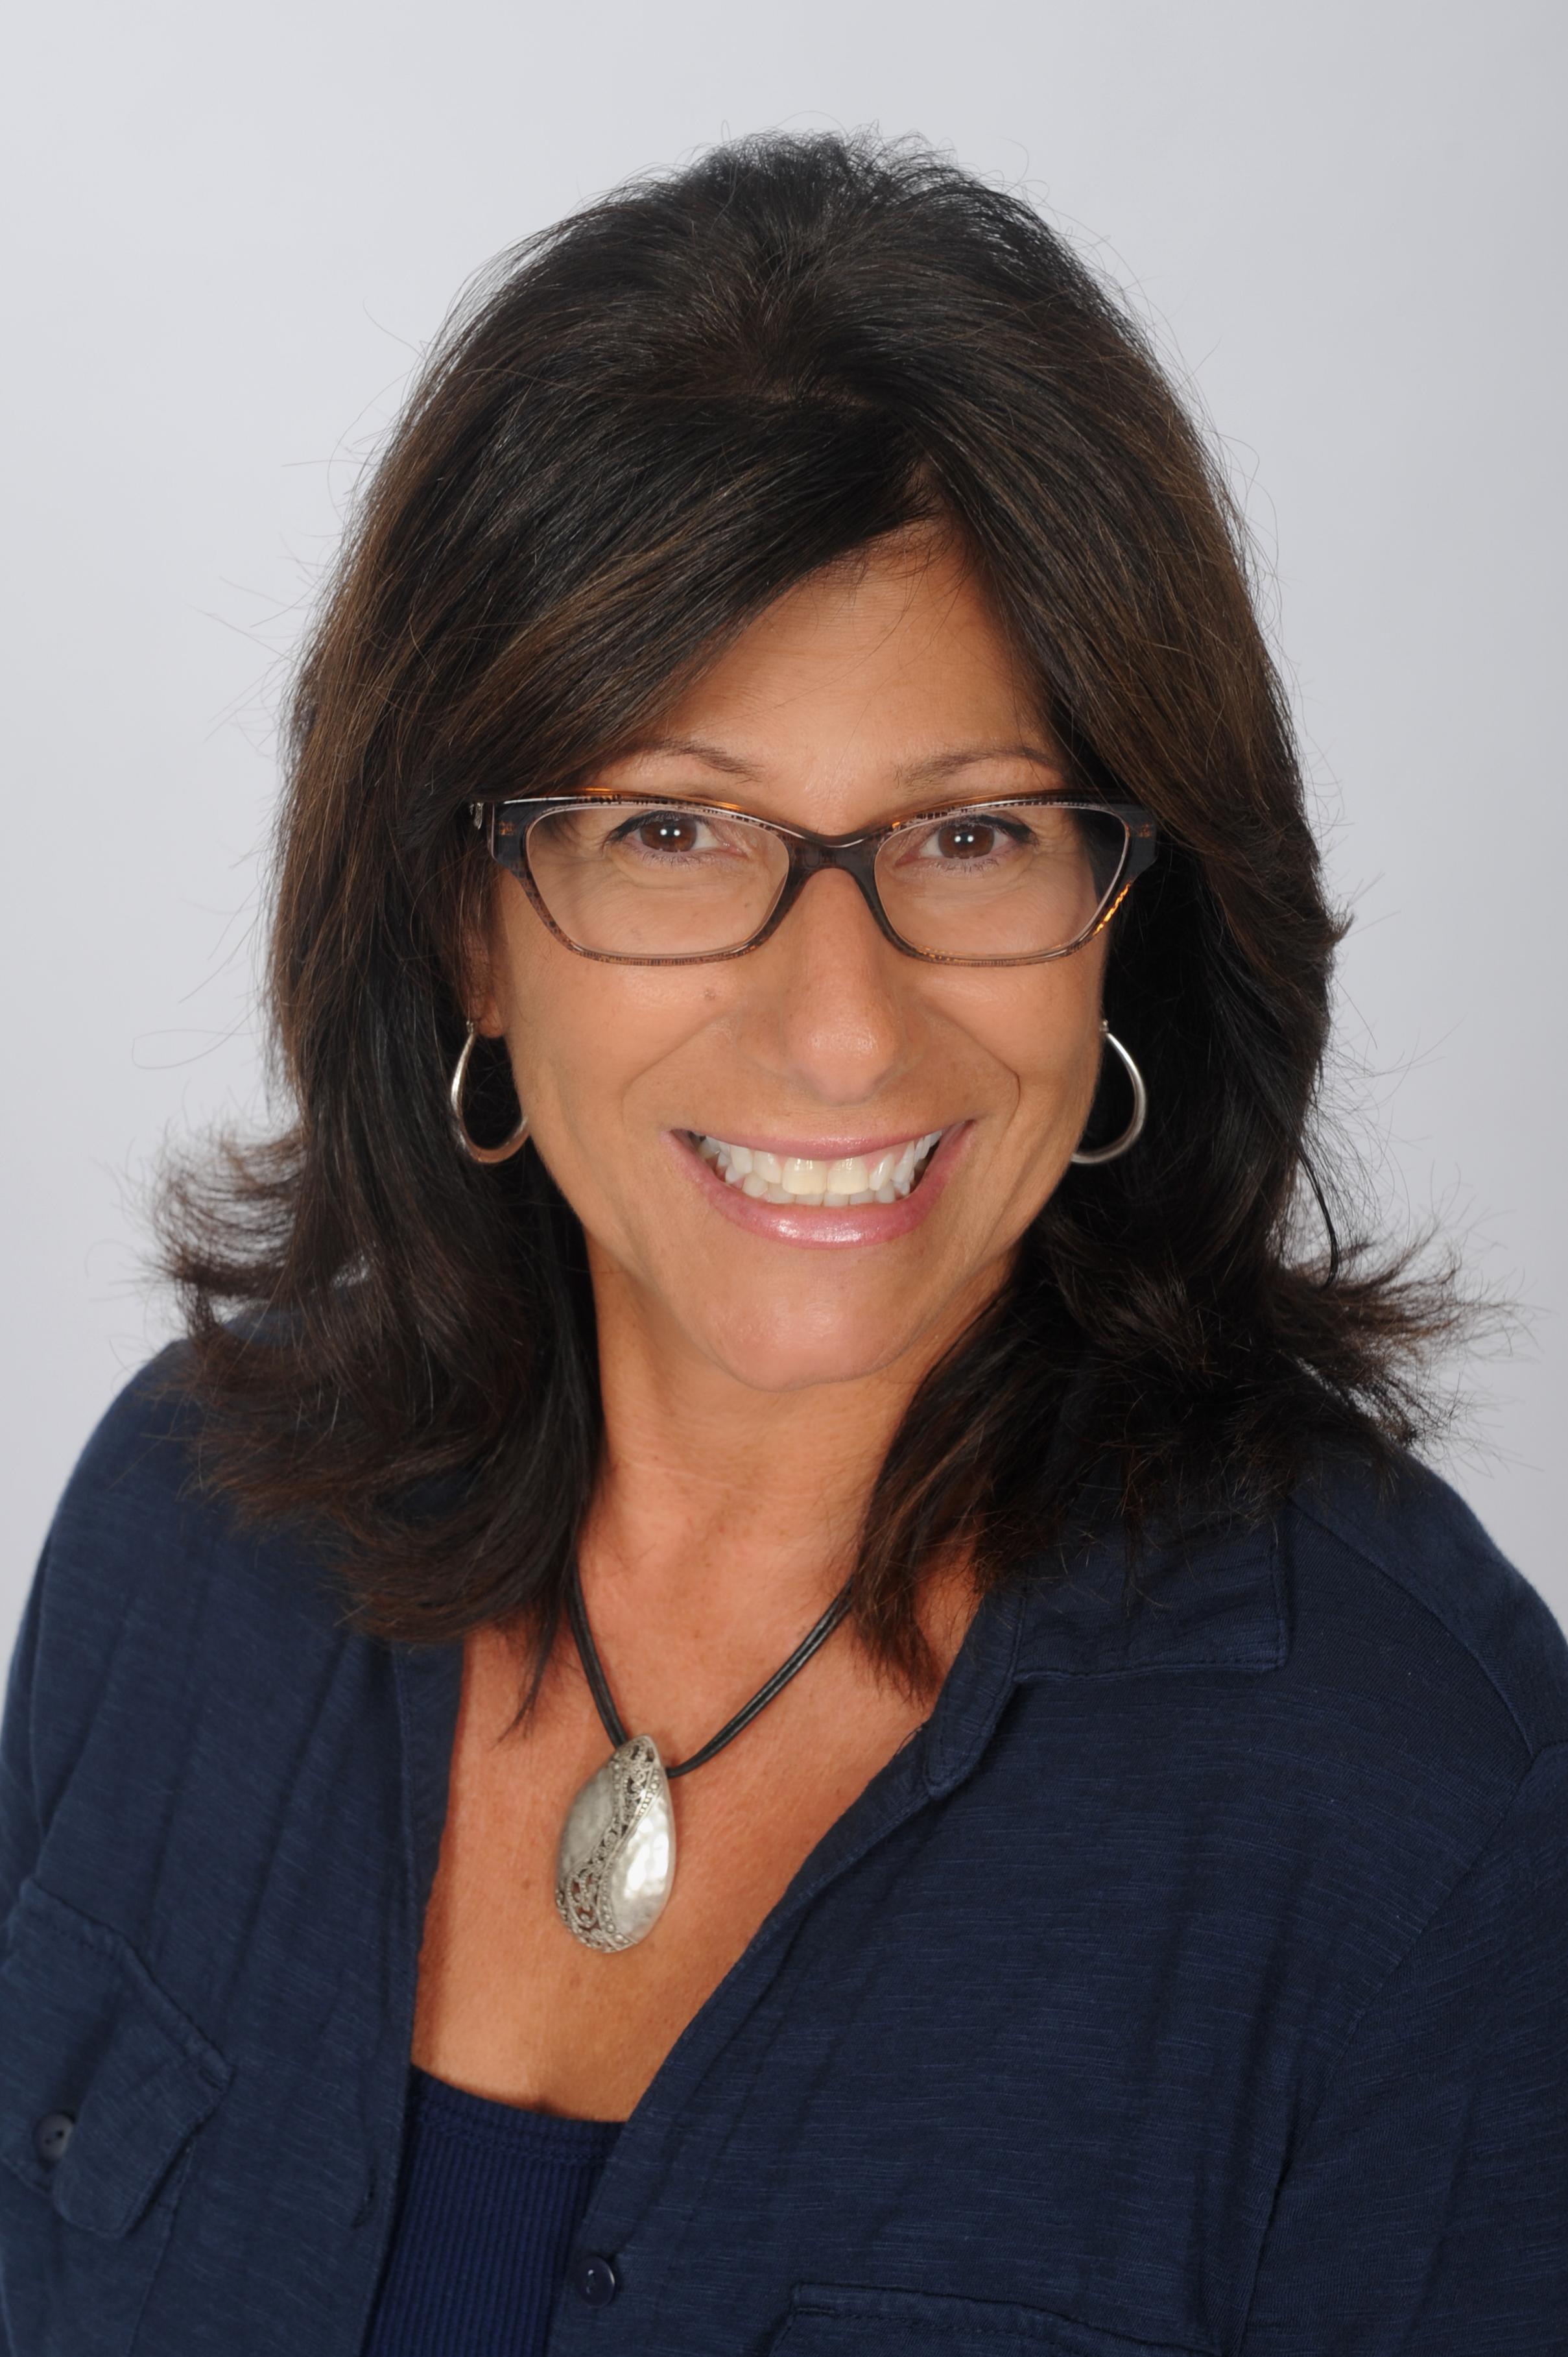 Jackie Ferrari